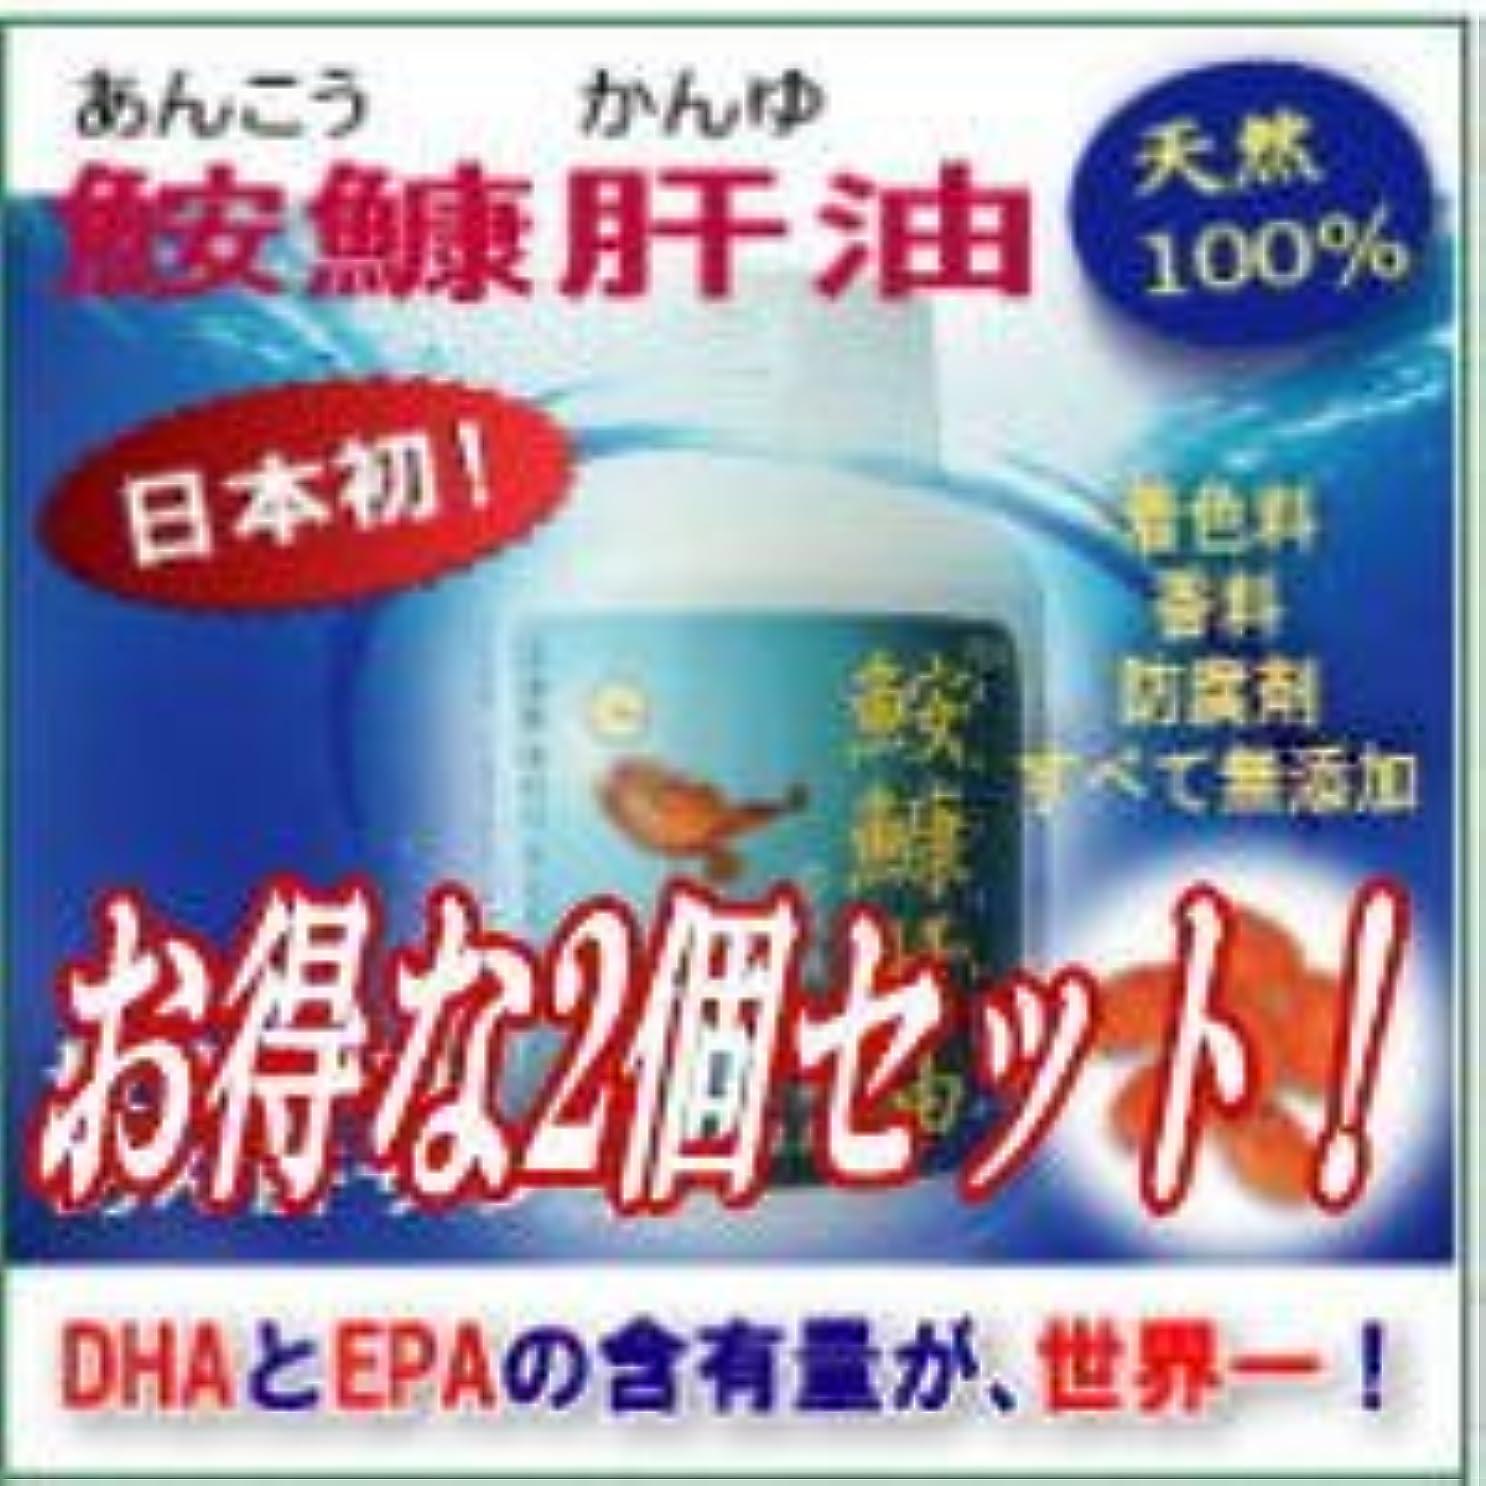 王室飼料意味する【 鮟鱇肝油(あんこうかんゆ) お得な2個セット 】あん肝は栄養の宝庫です!DHA?EPAの含有量は他の動植物の中で世界一!